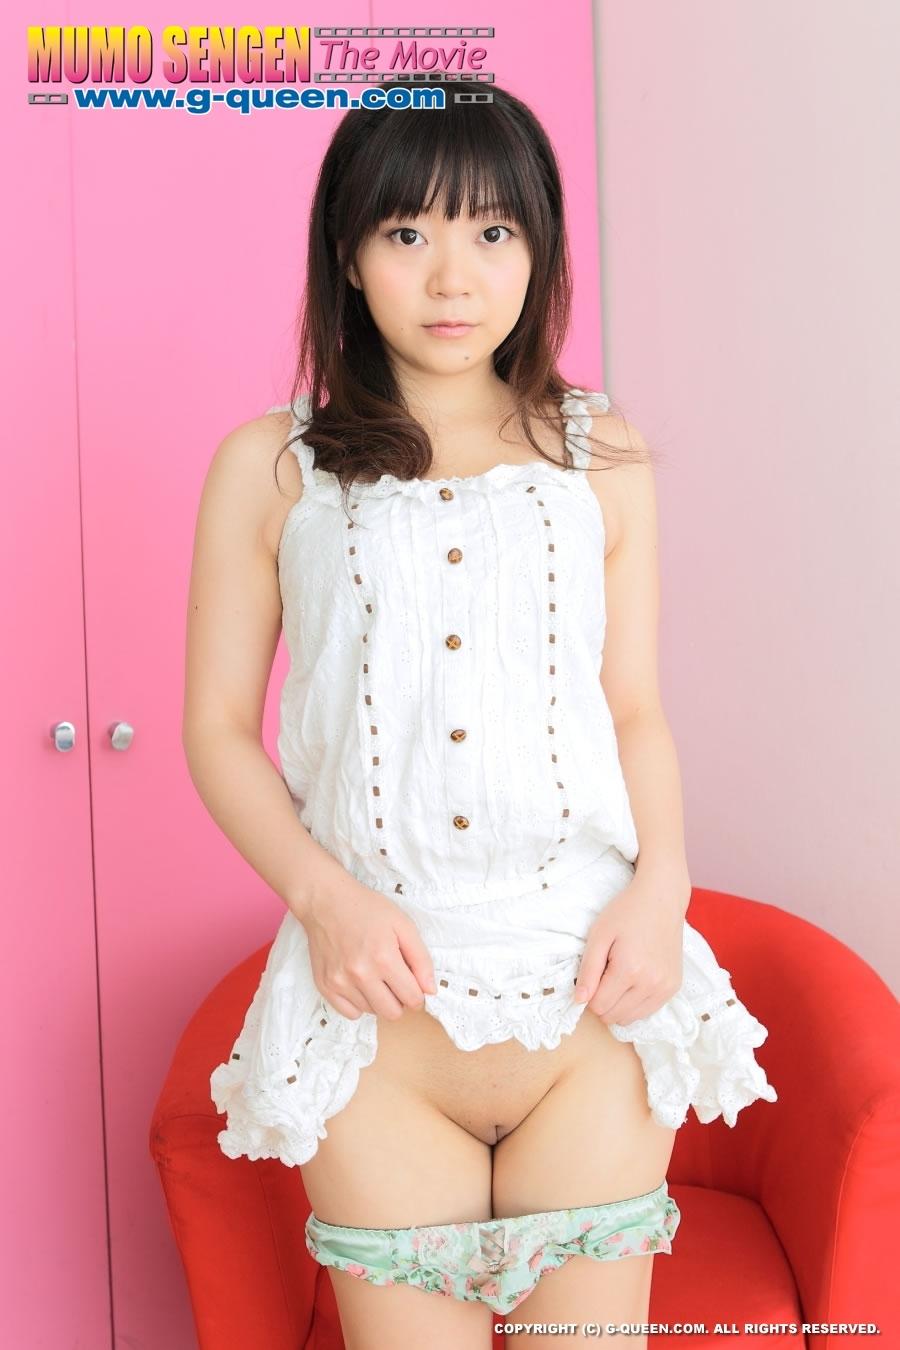 queen nude: jptrans.naver.net/j2j.php/korean/6gazo.ebb.jp/g-queen+nude/pic3.html